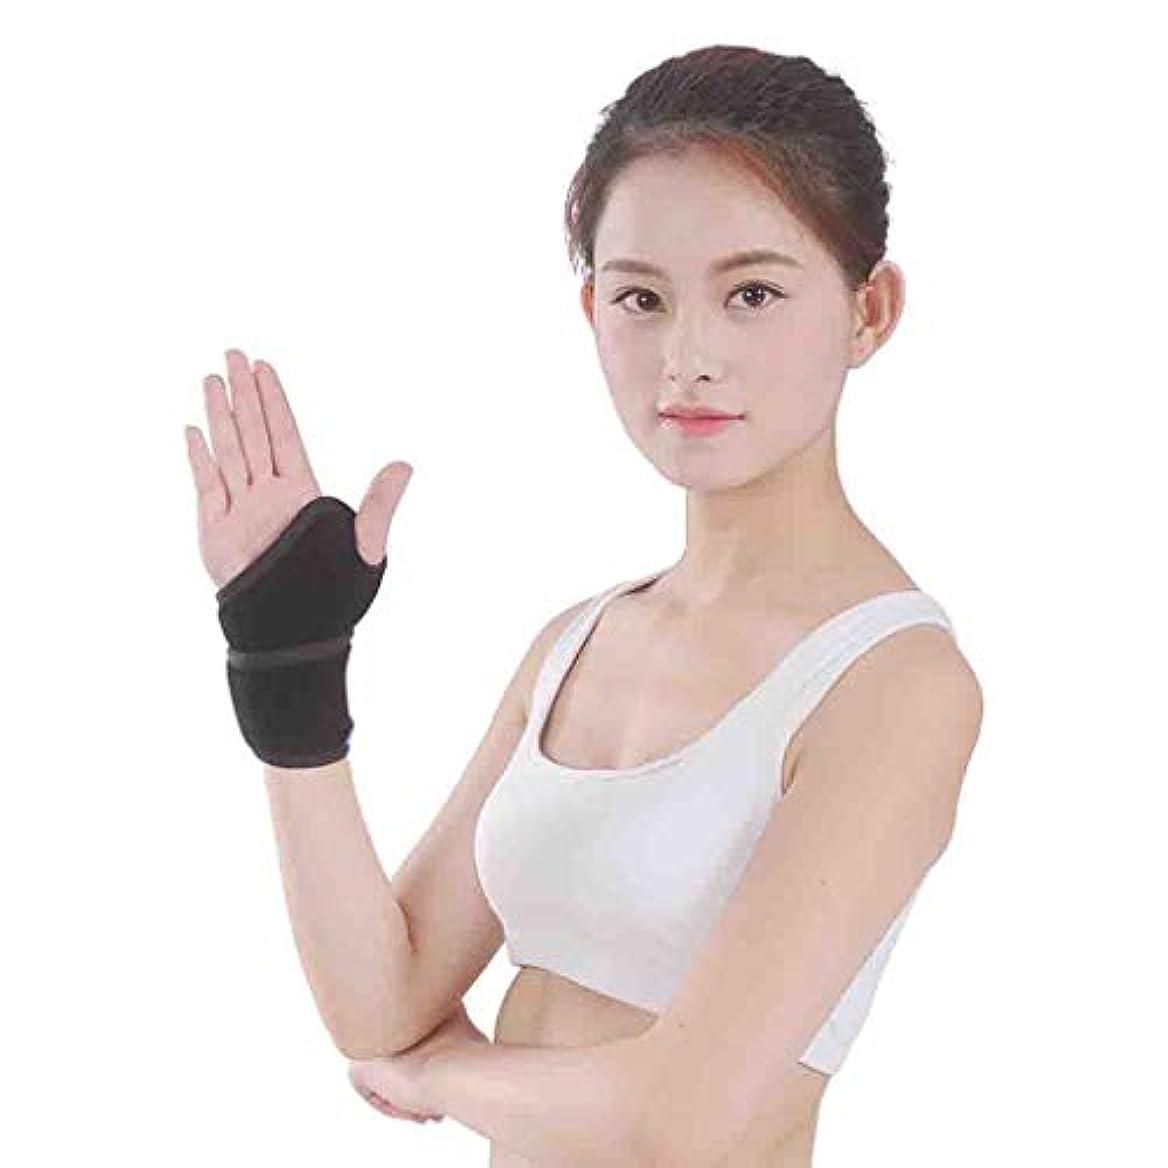 勝者コロニー着替える関節炎のための親指のスプリントベージュの親指のブレース関節炎や軟組織の傷害、軽量と通気性のための腱膜炎のリストバンド Roscloud@